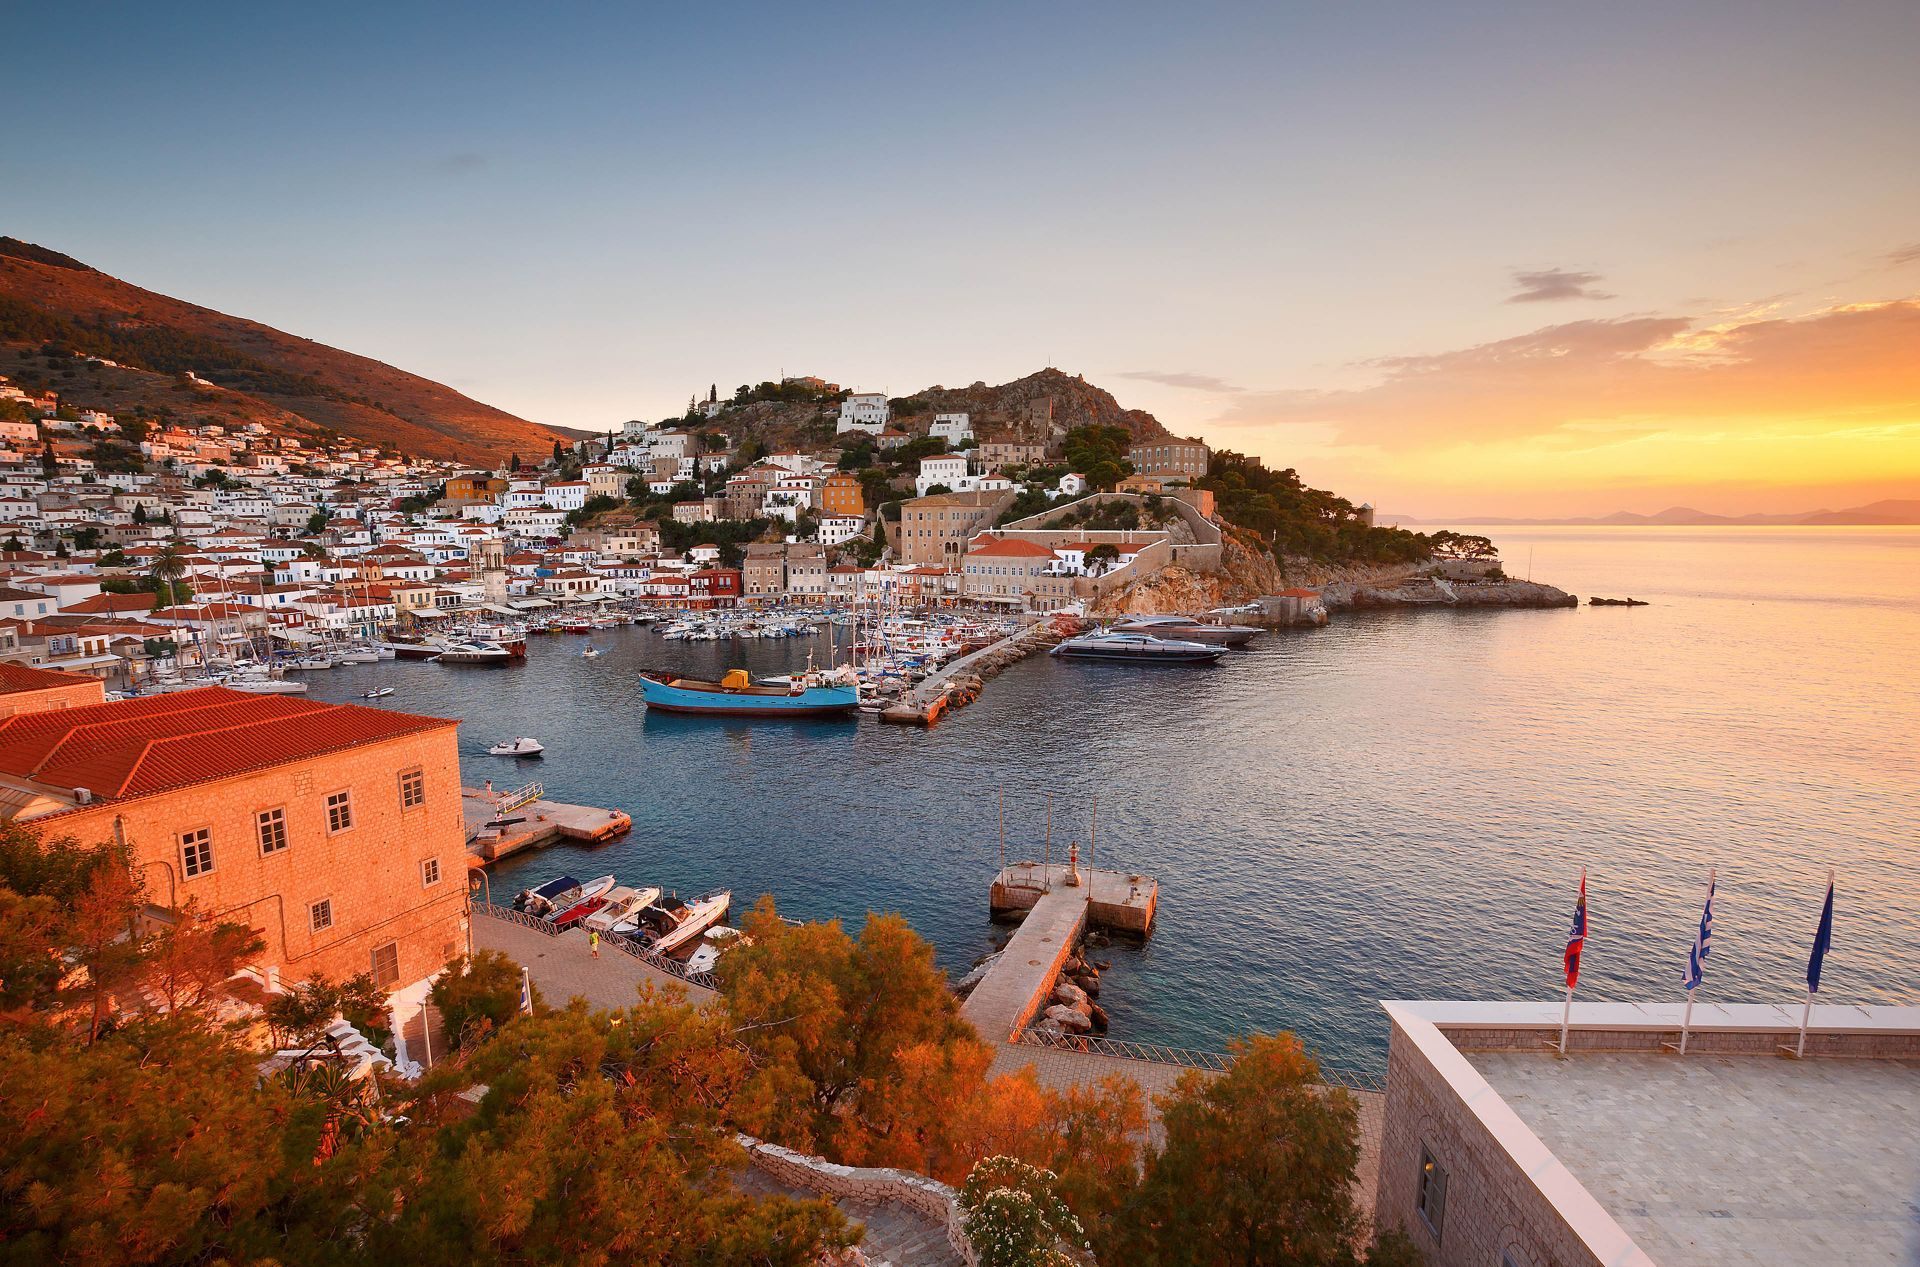 hydra greece news today